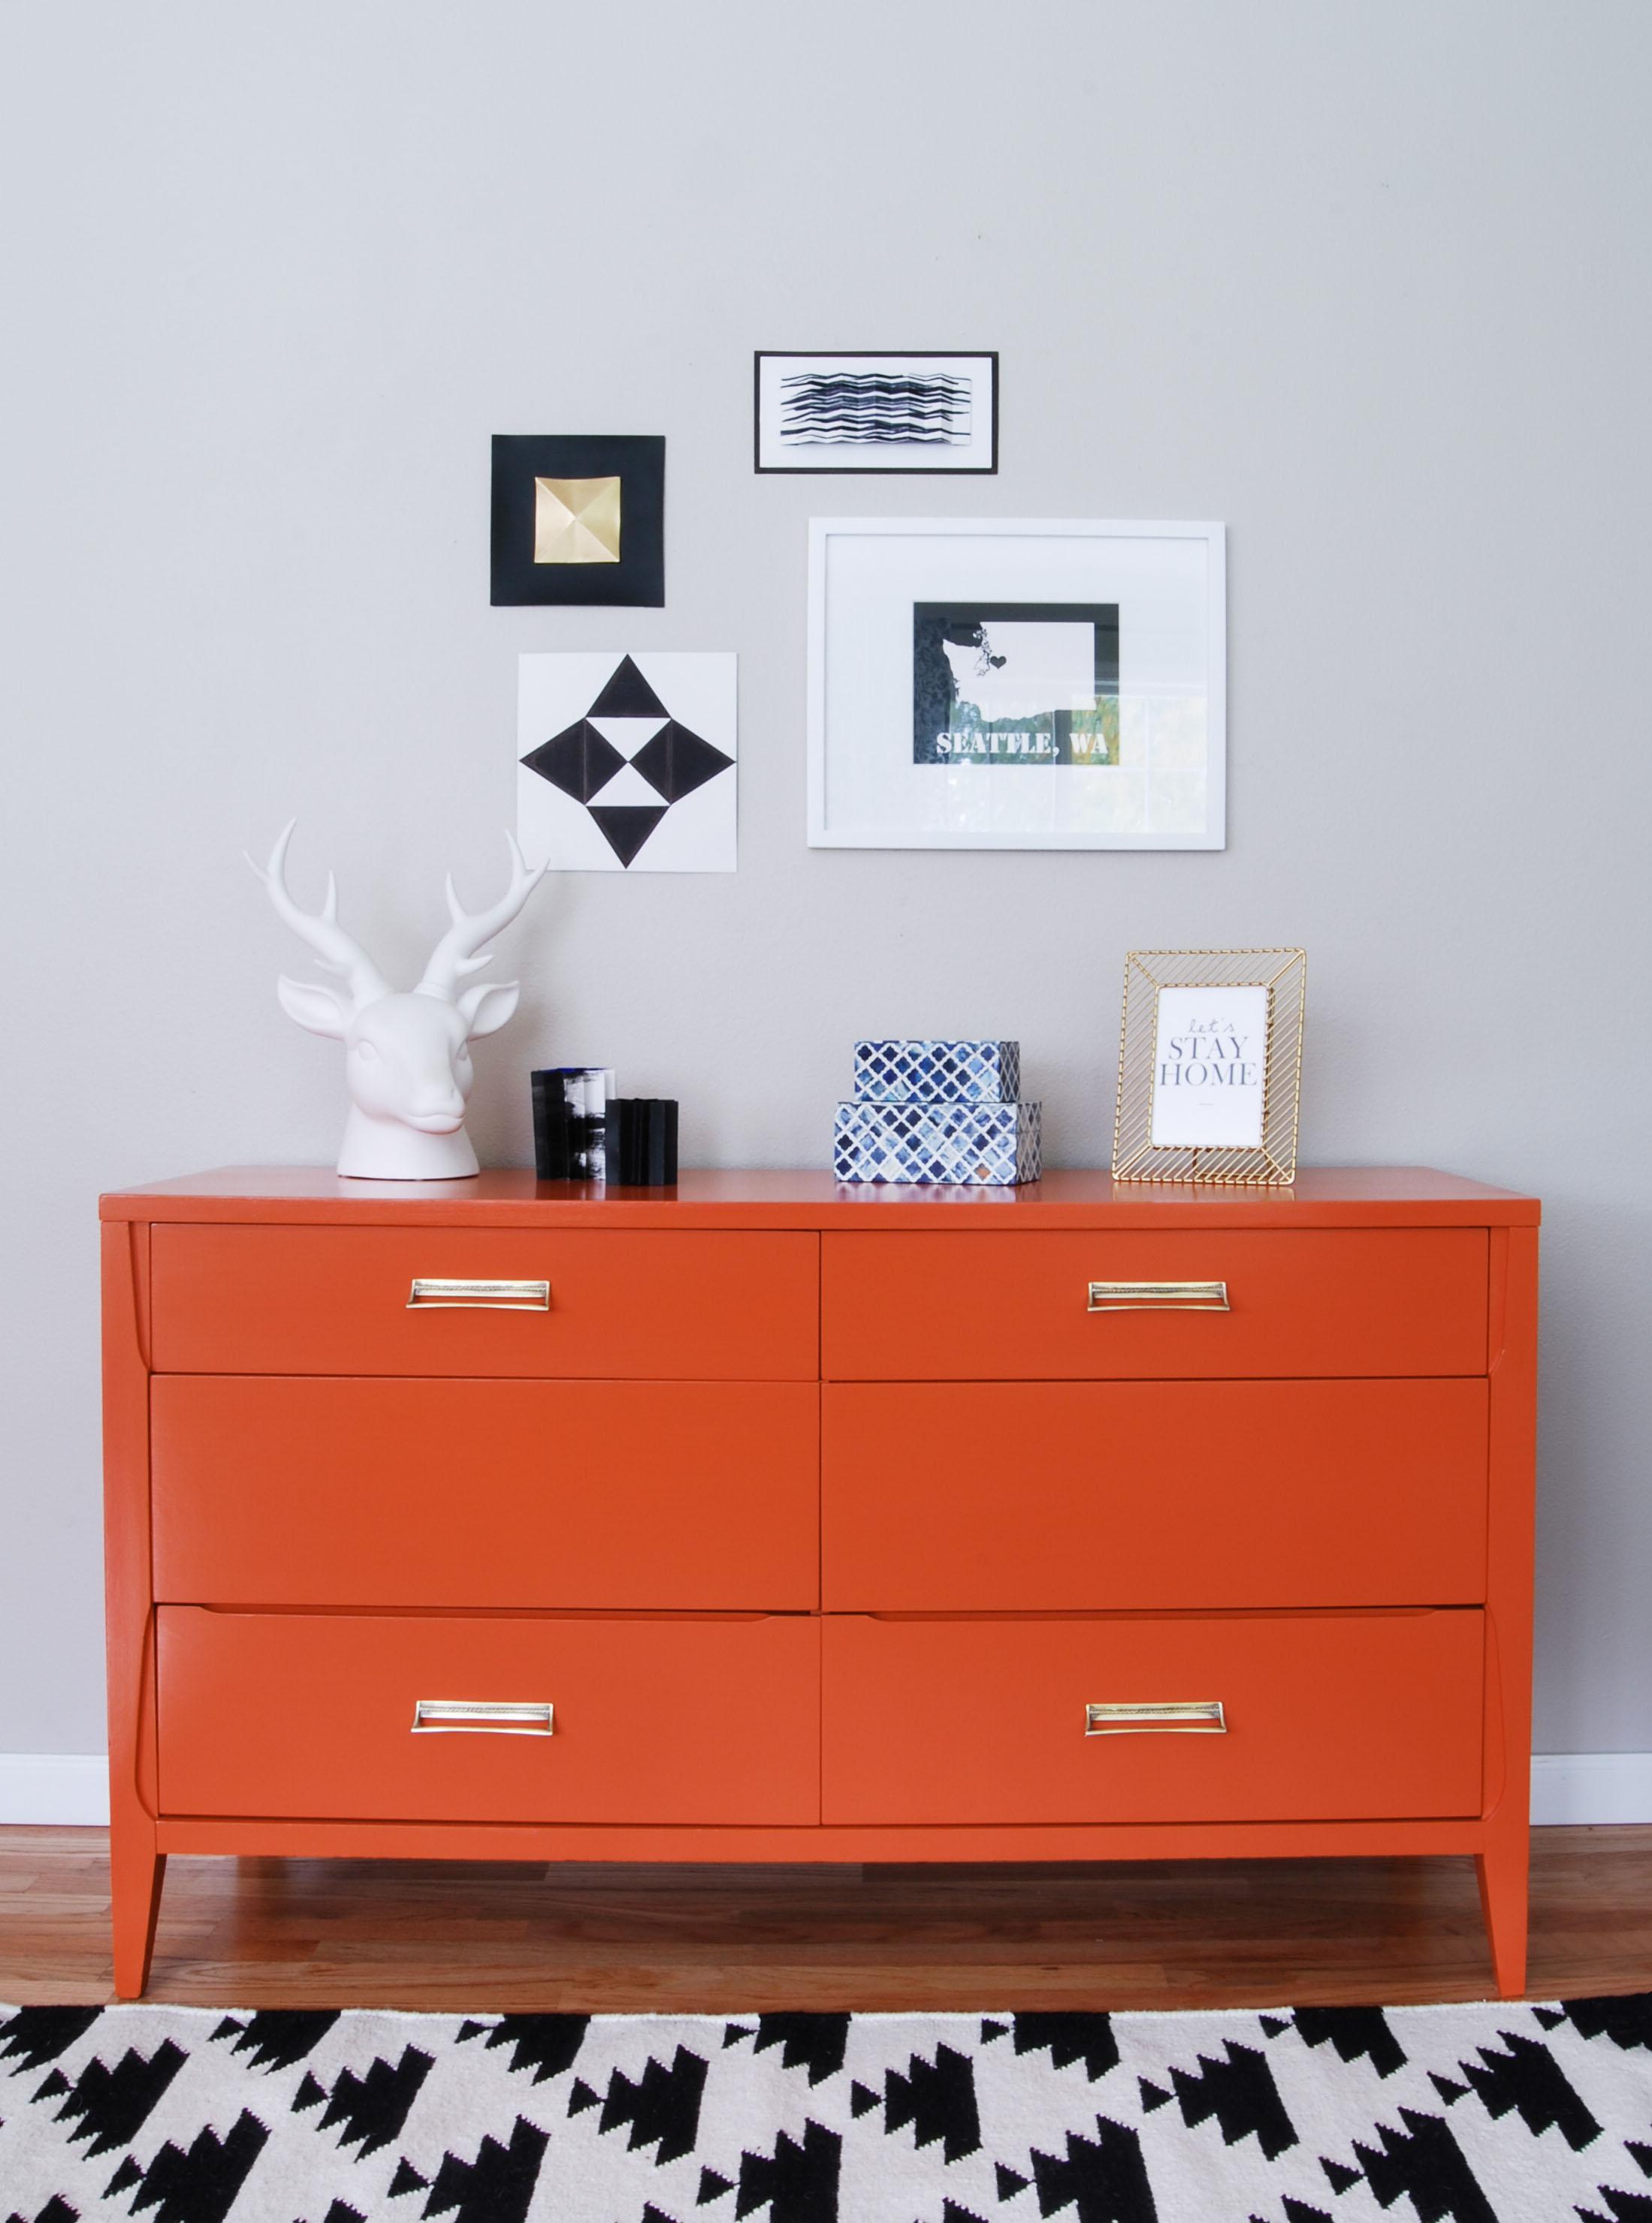 Pintar un mueble de color naranja recicla tus muebles - Pintar un mueble viejo ...